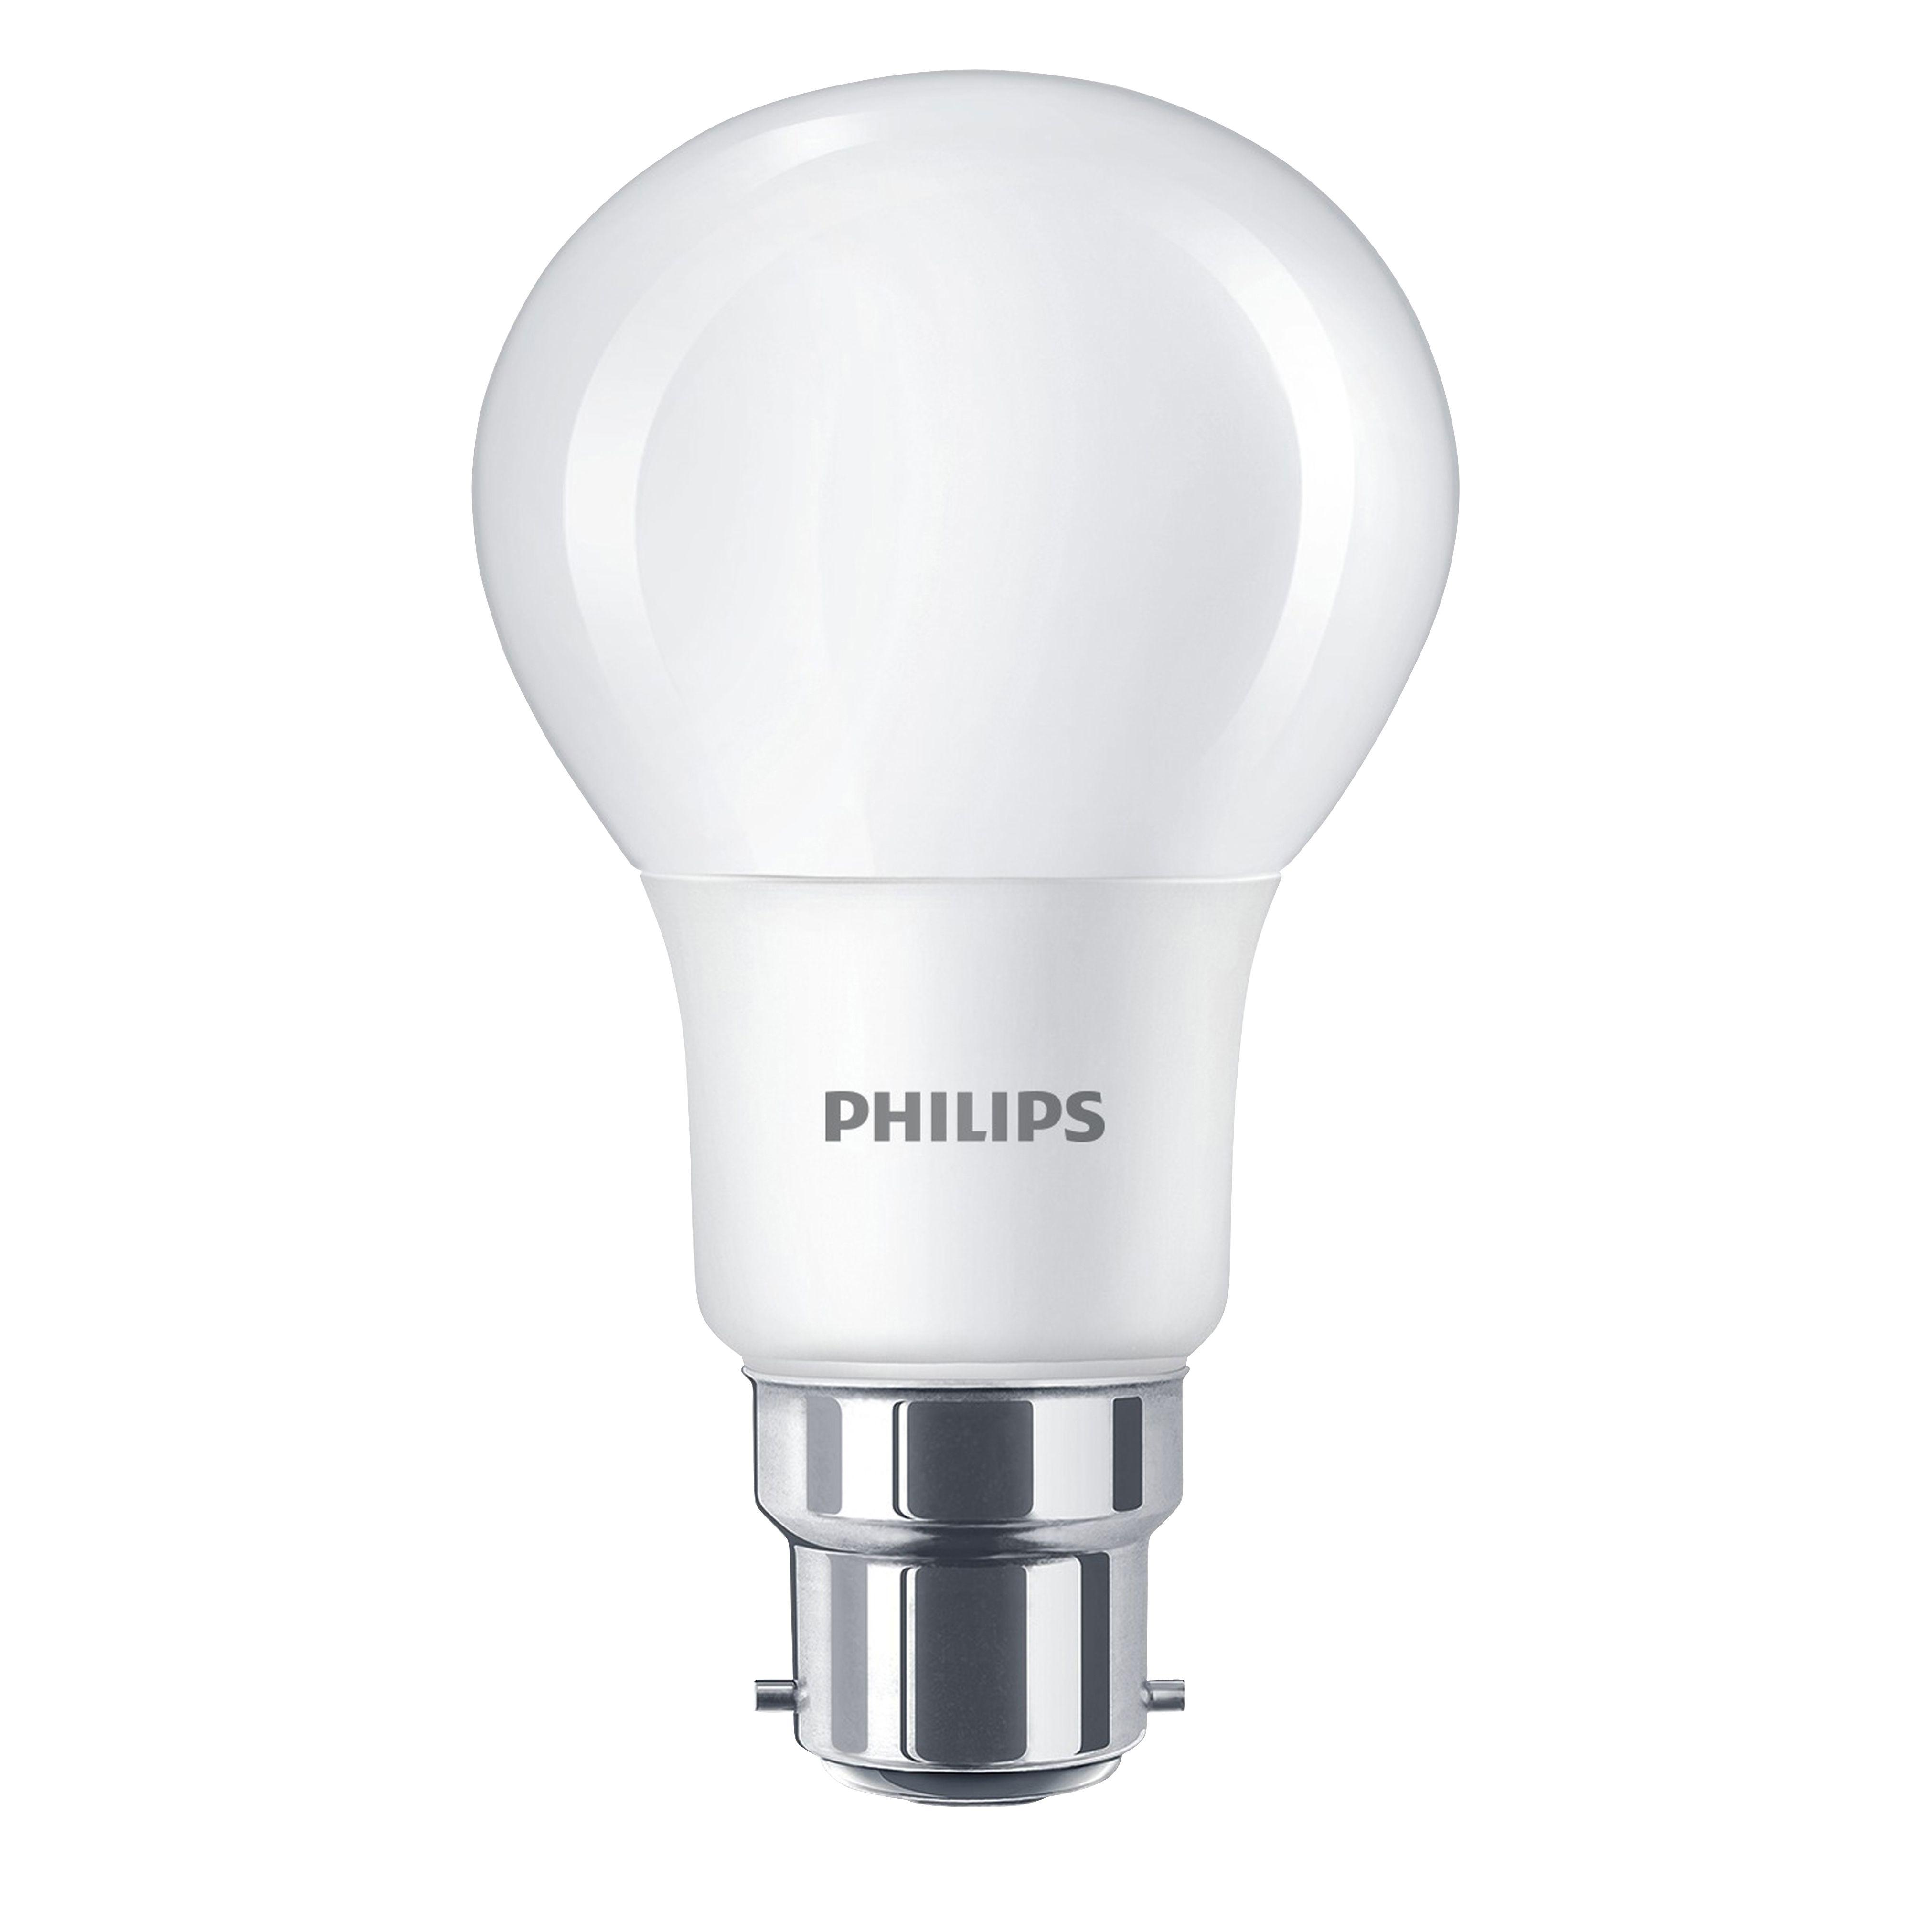 Philips B22 806lm Led Classic Light Bulb